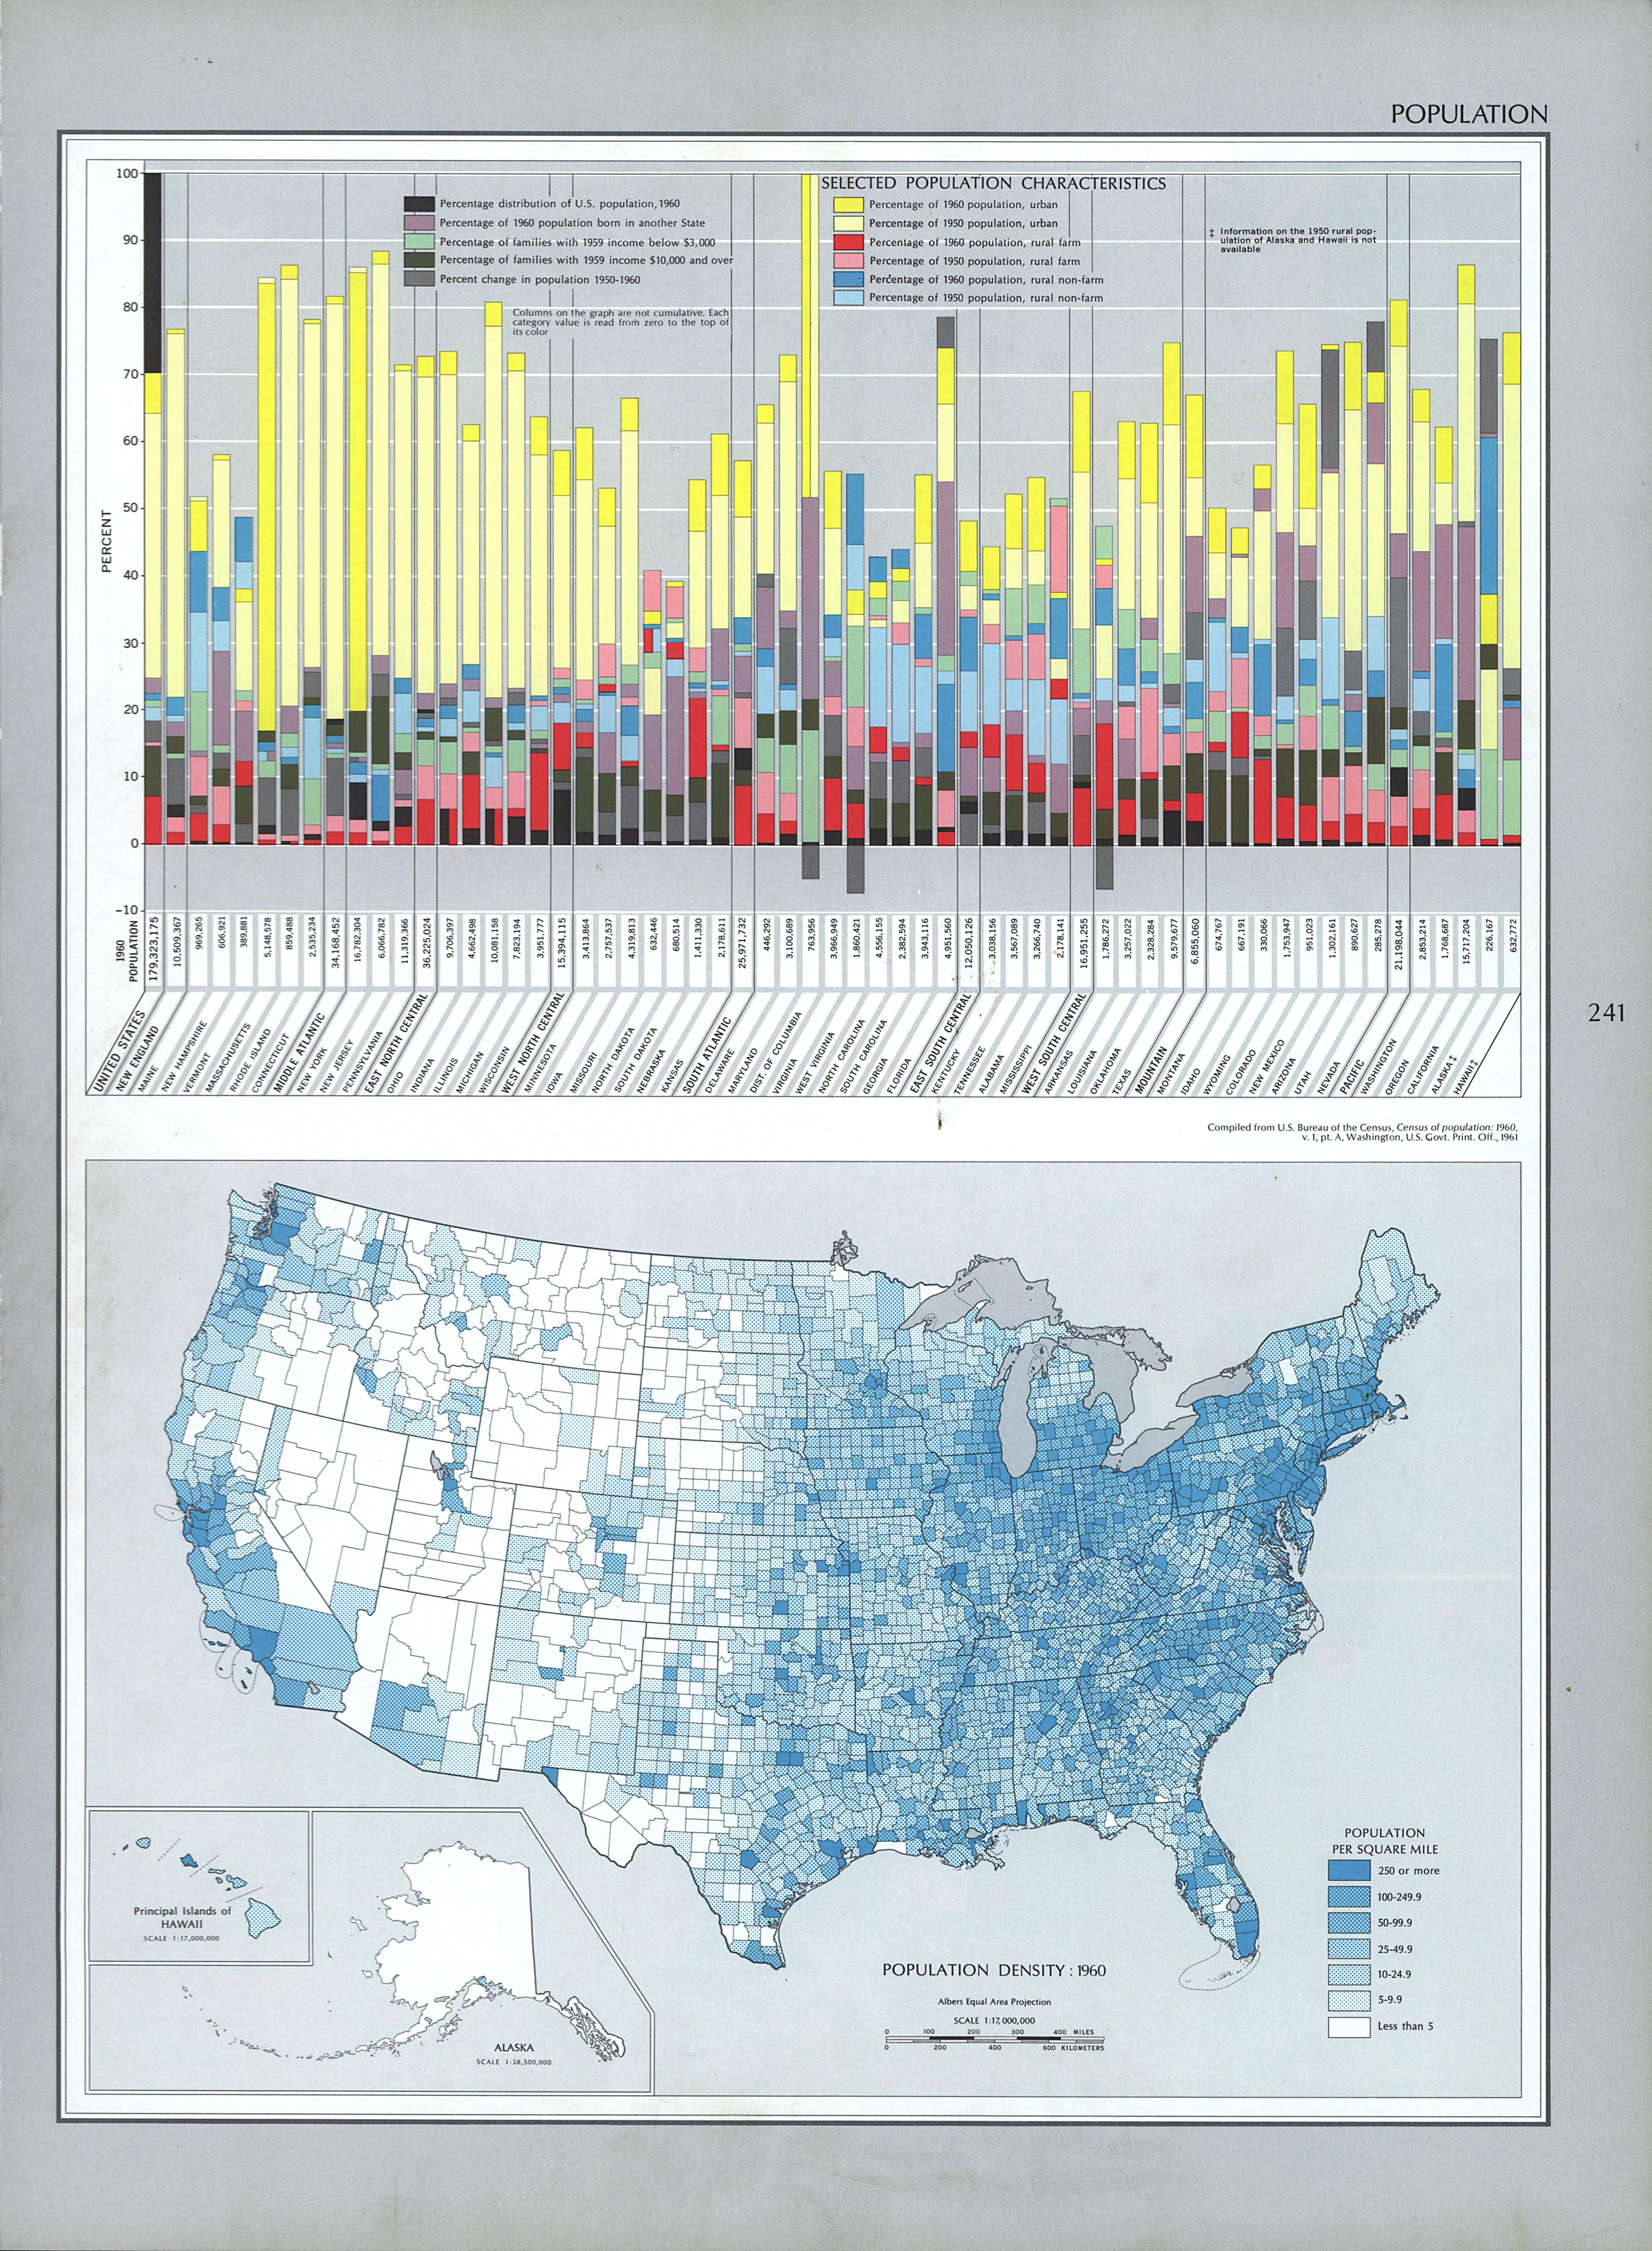 Mapa de Población de de los Estados Unidos